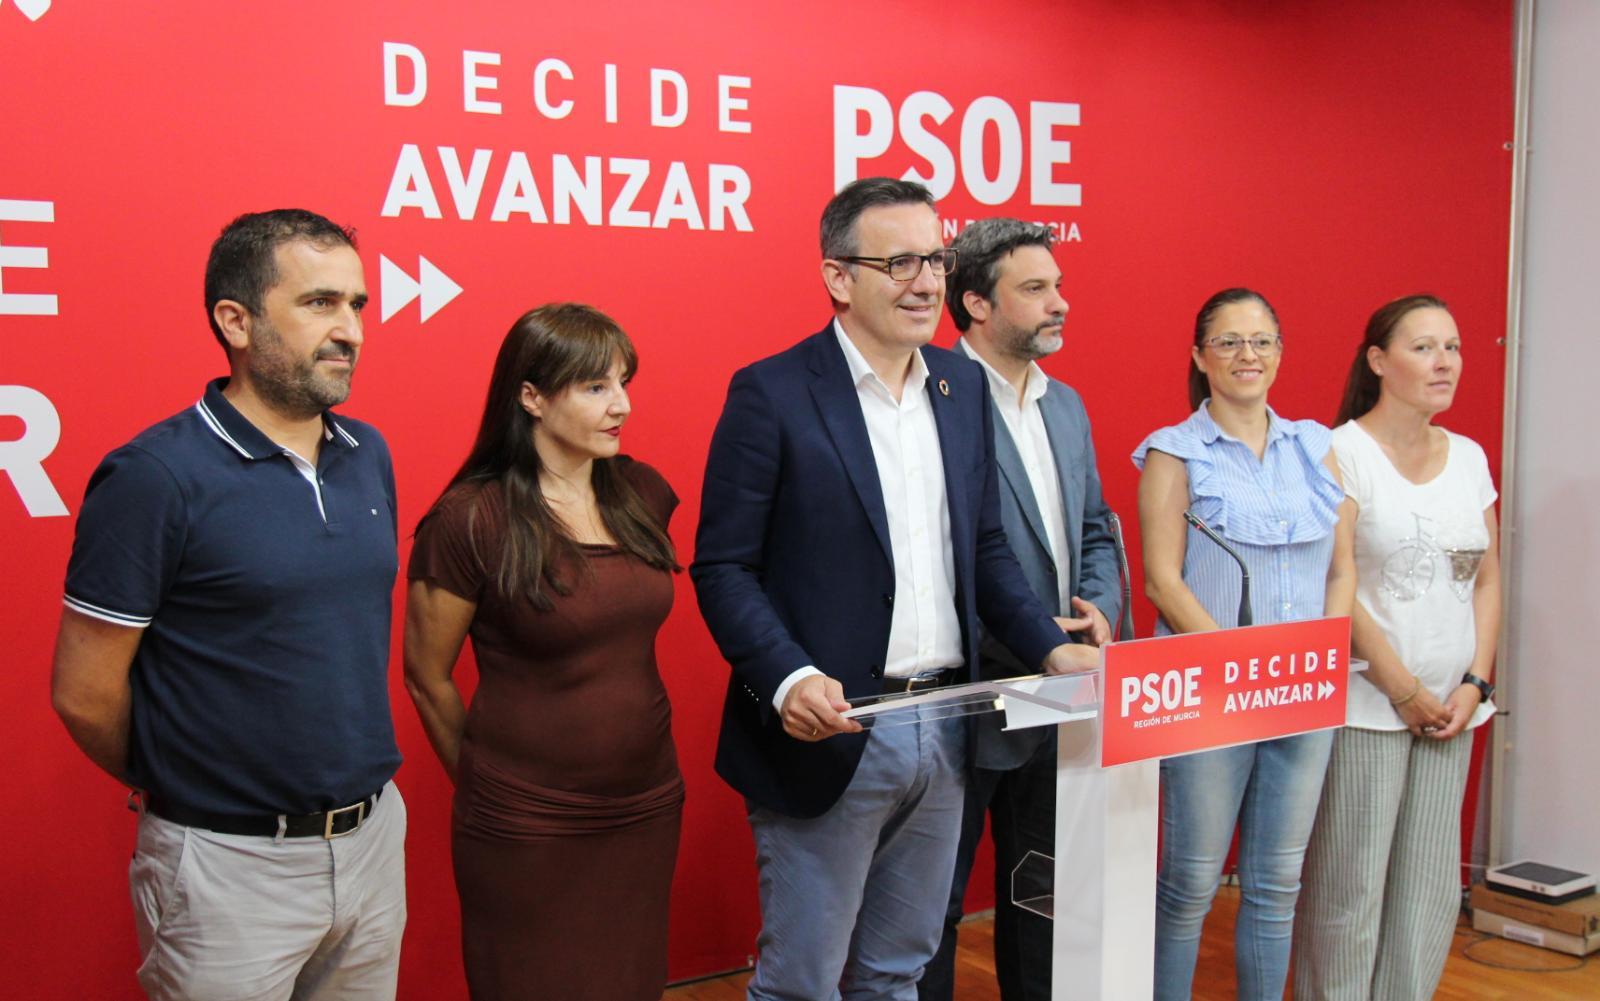 La diputada socialista, Marisol Sánchez Jódar, defenderá mañana en el Congreso la reforma del Estatuto de Autonomía para eliminar los aforamientos